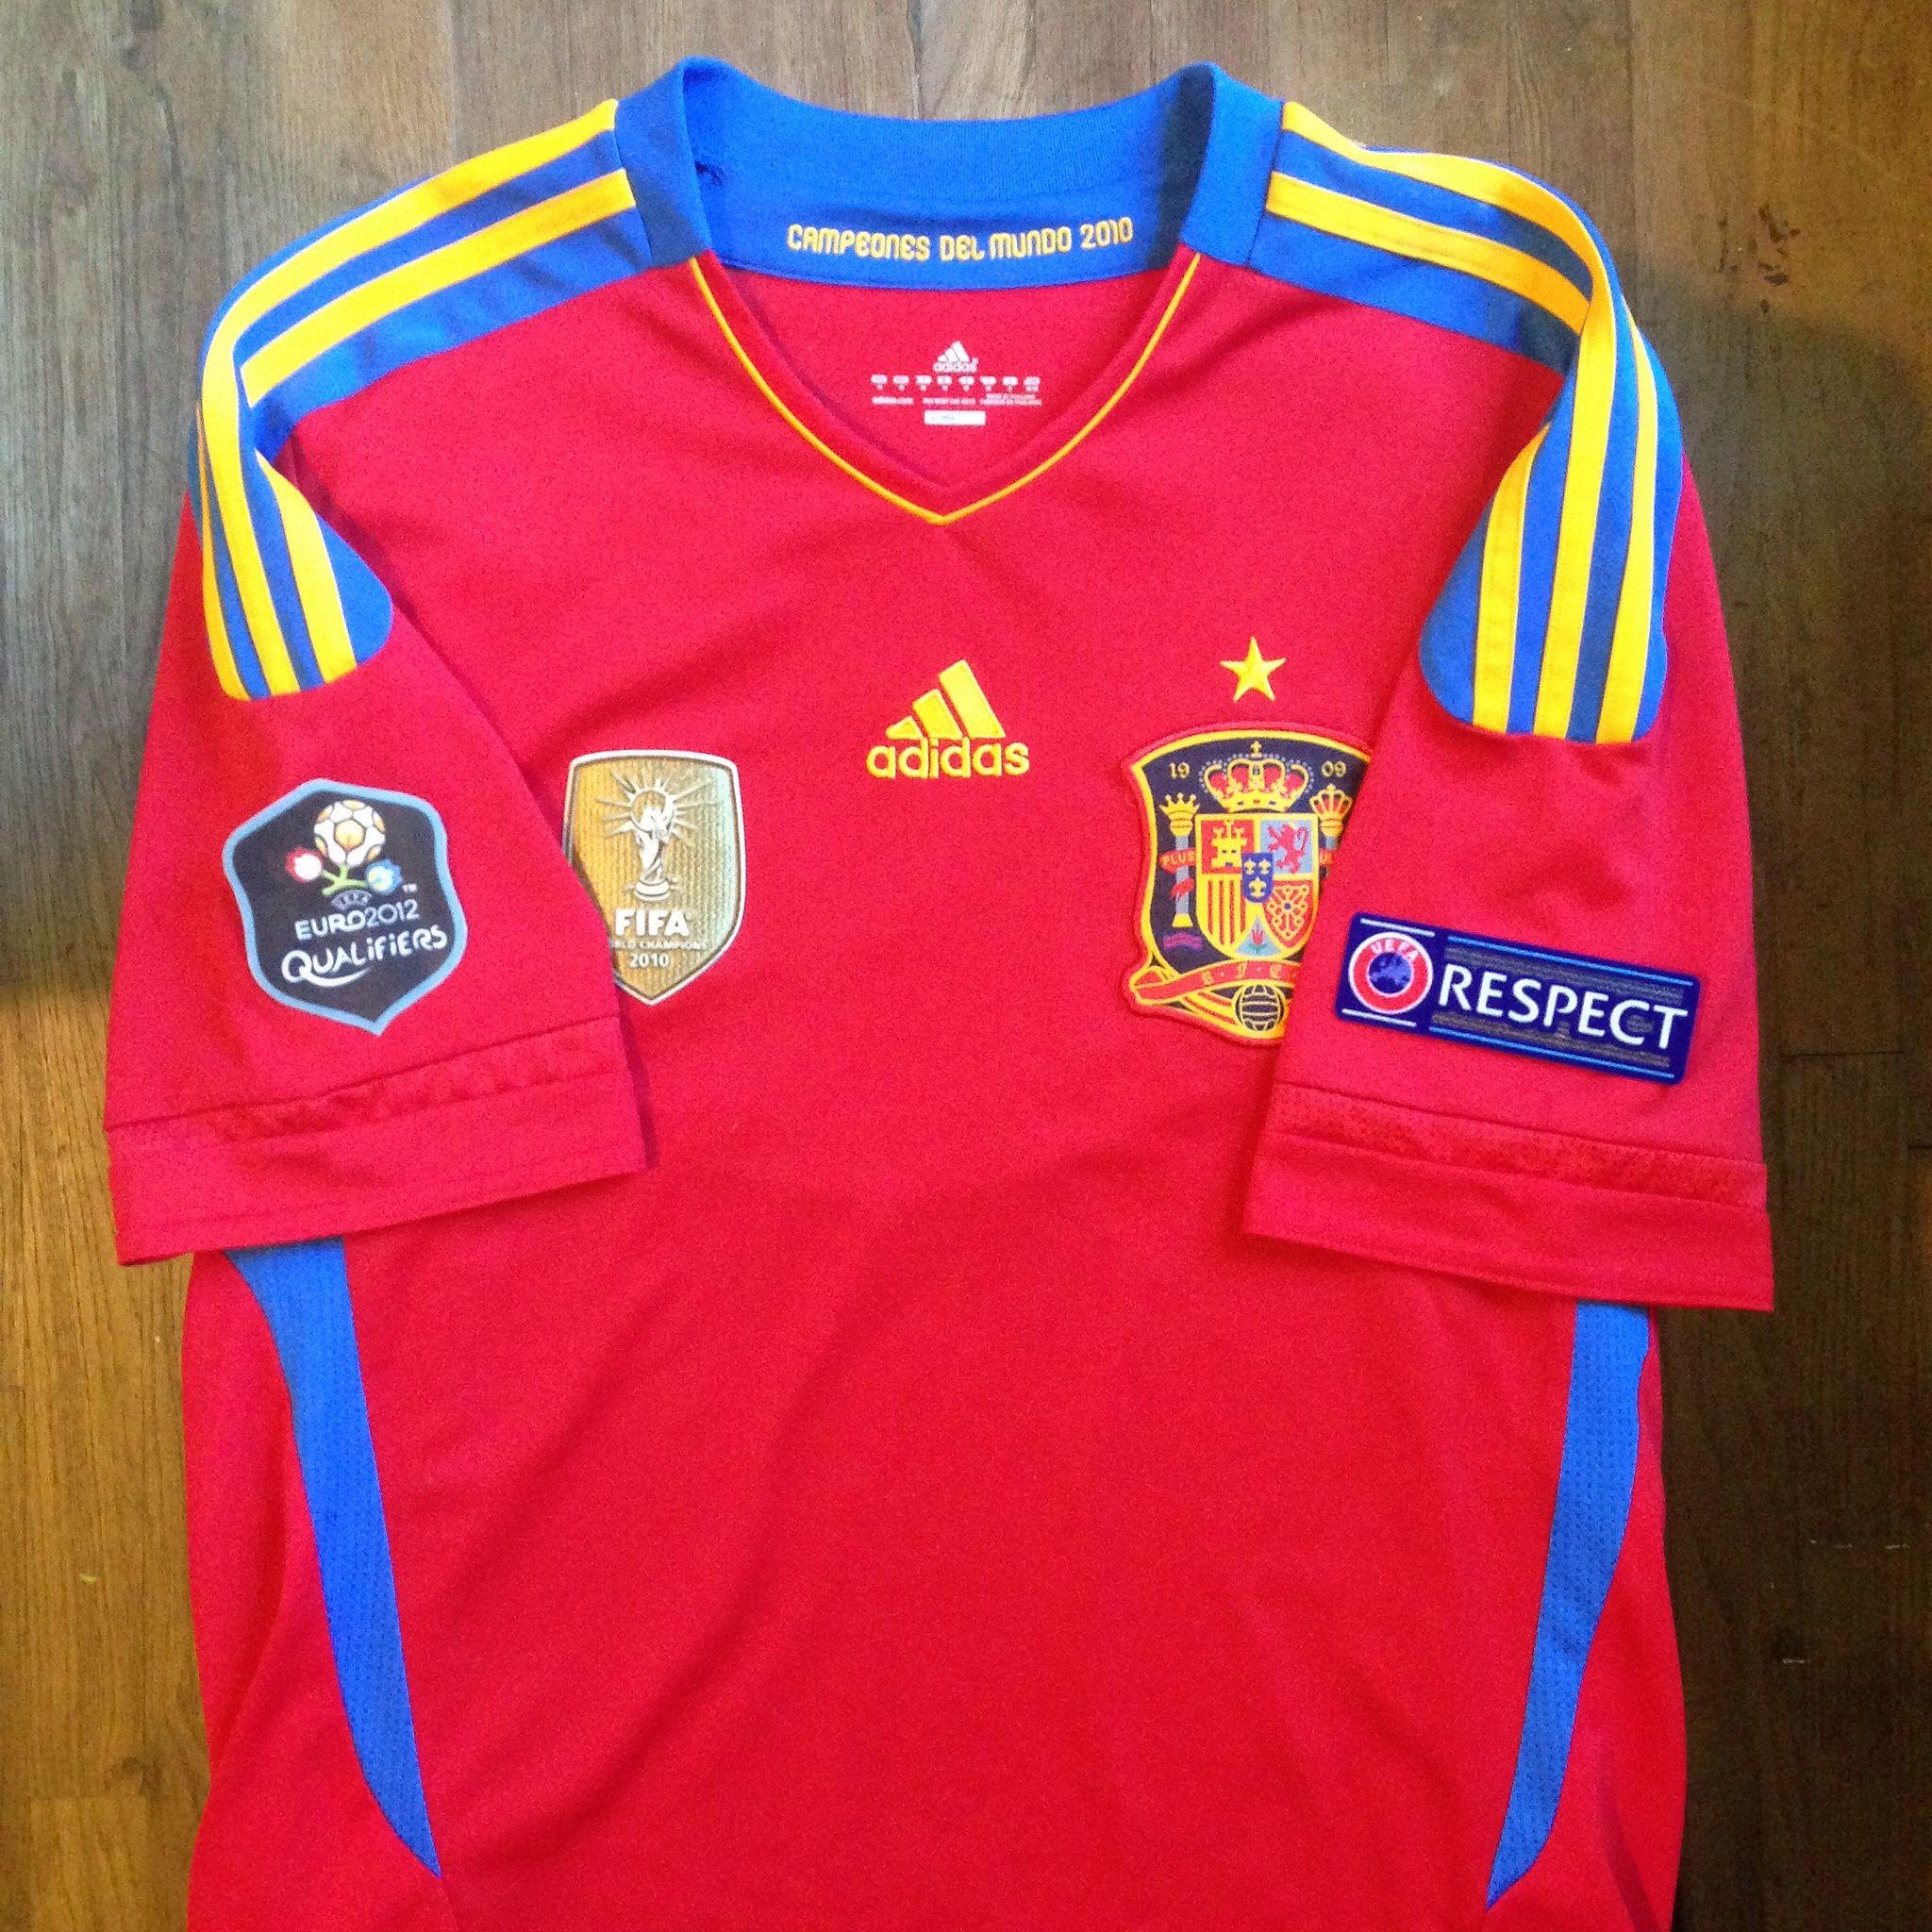 3850d491048 Qualifiers UEFA Euro 2012 Poland-Ukraine 2011 Spain Home Jersey    Primera  Equipación de la Selección Española 2011 para la clasificación de la  Eurocopa ...